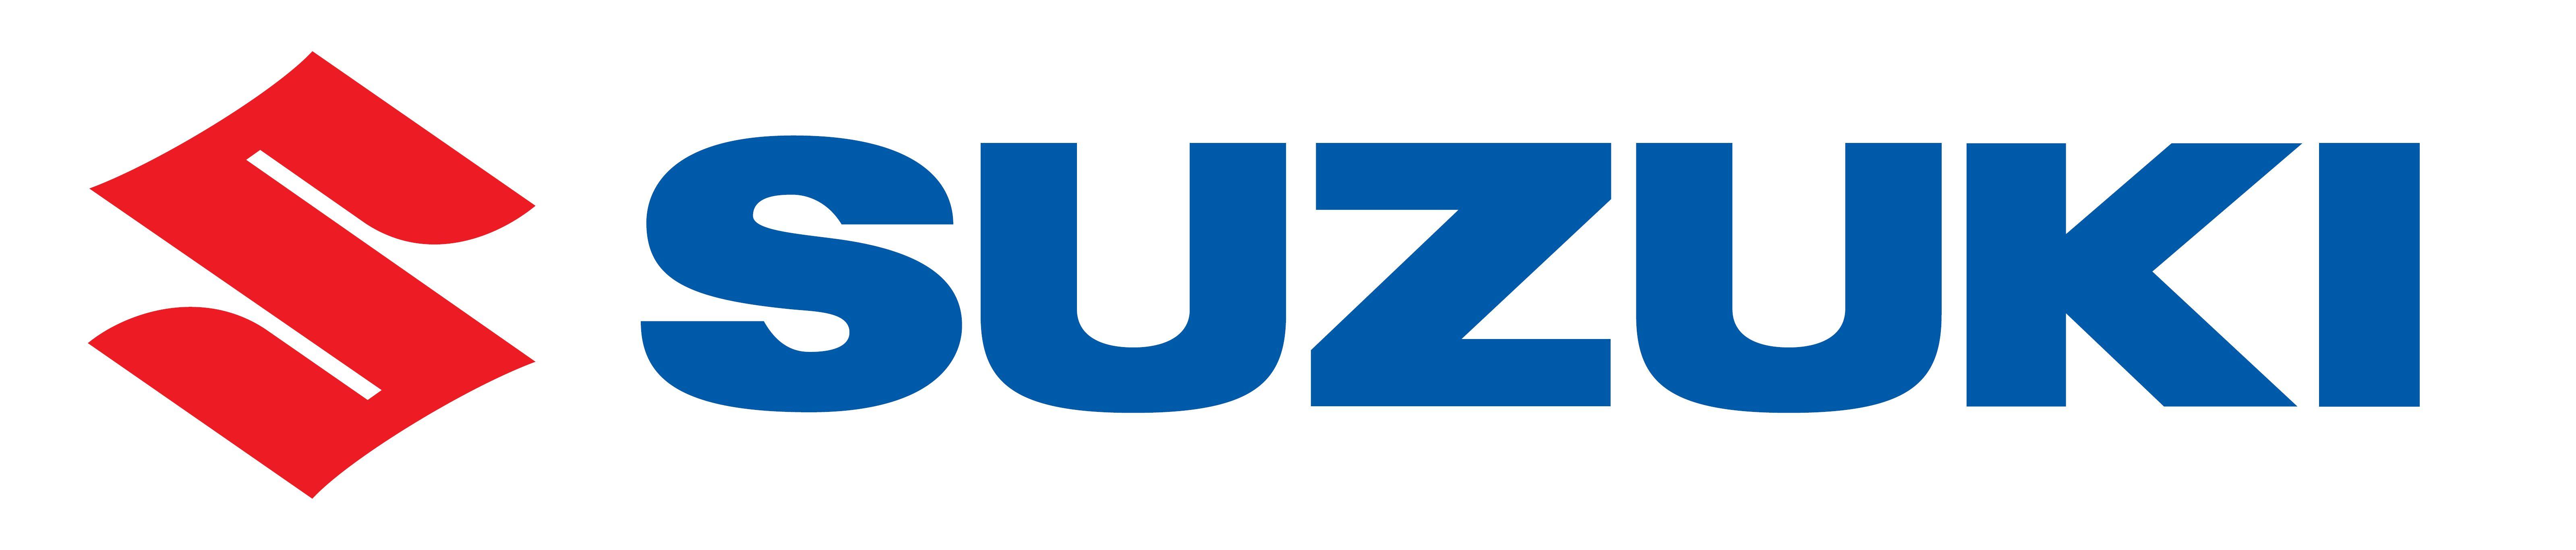 Suzuki Racing Logos